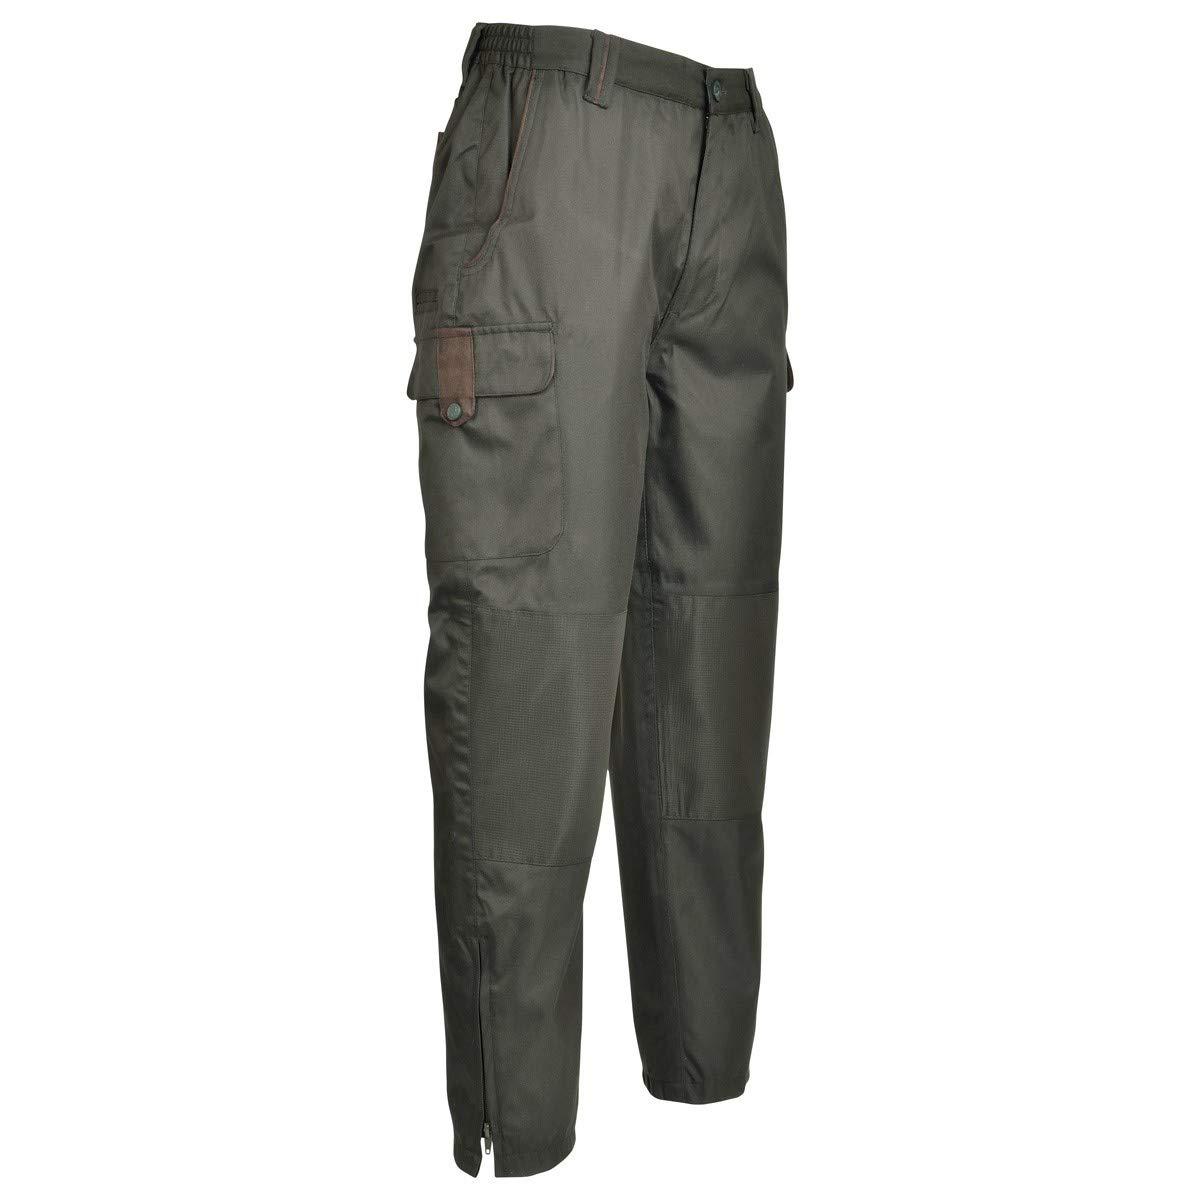 Pantalones de caza Sologne Skintane Optimum, de Percussion (tamaños: EU38 – 54): Amazon.es: Deportes y aire libre